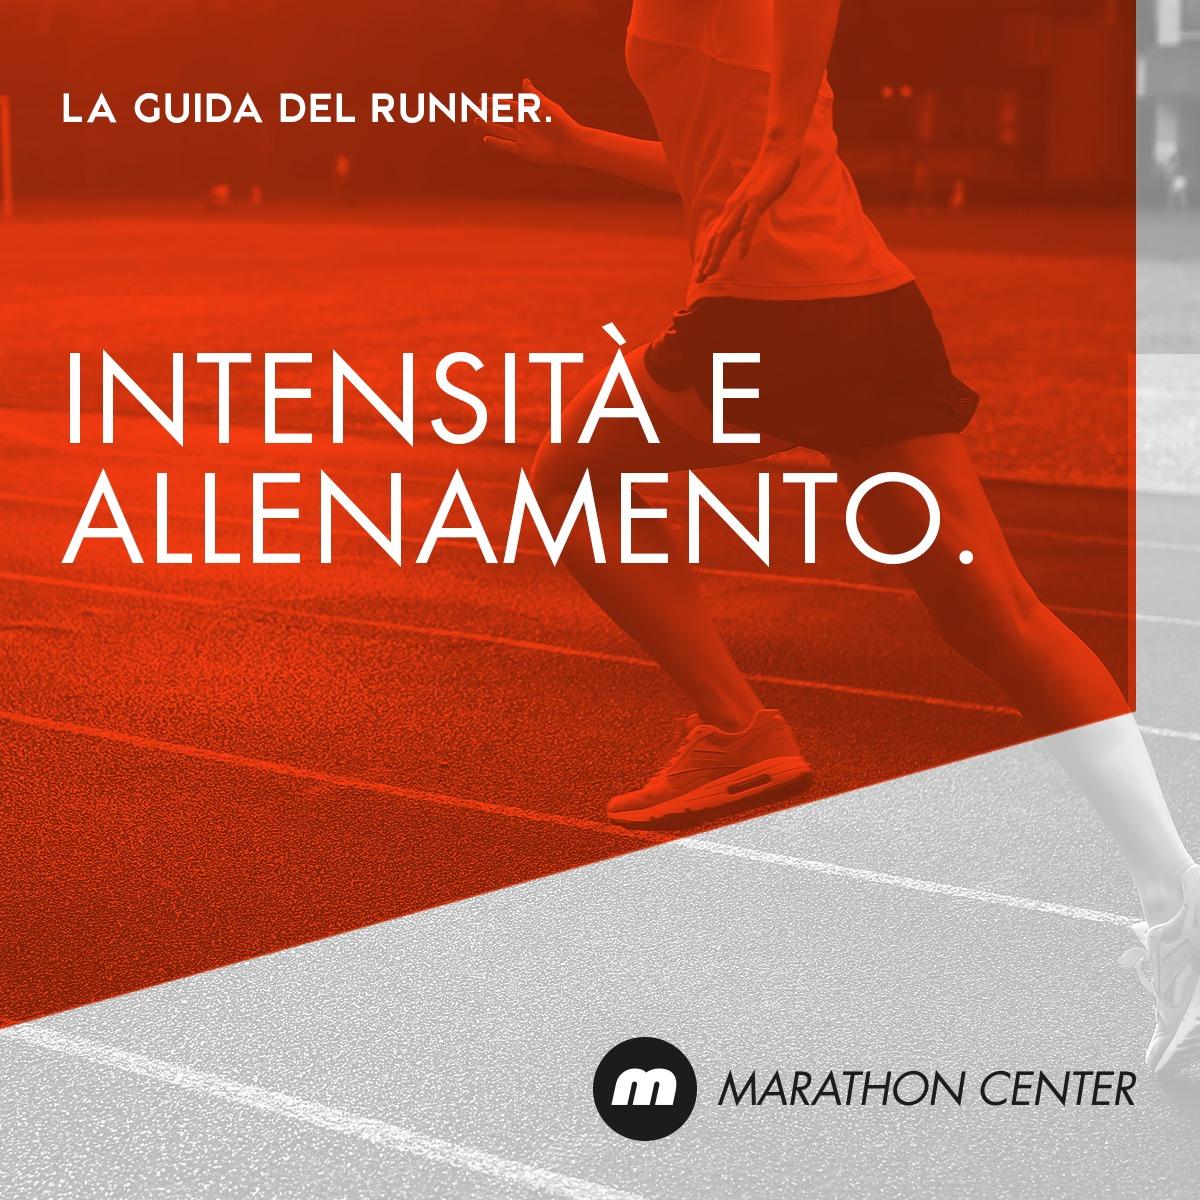 intensità-allenamento-corsa-marathon-center-brescia